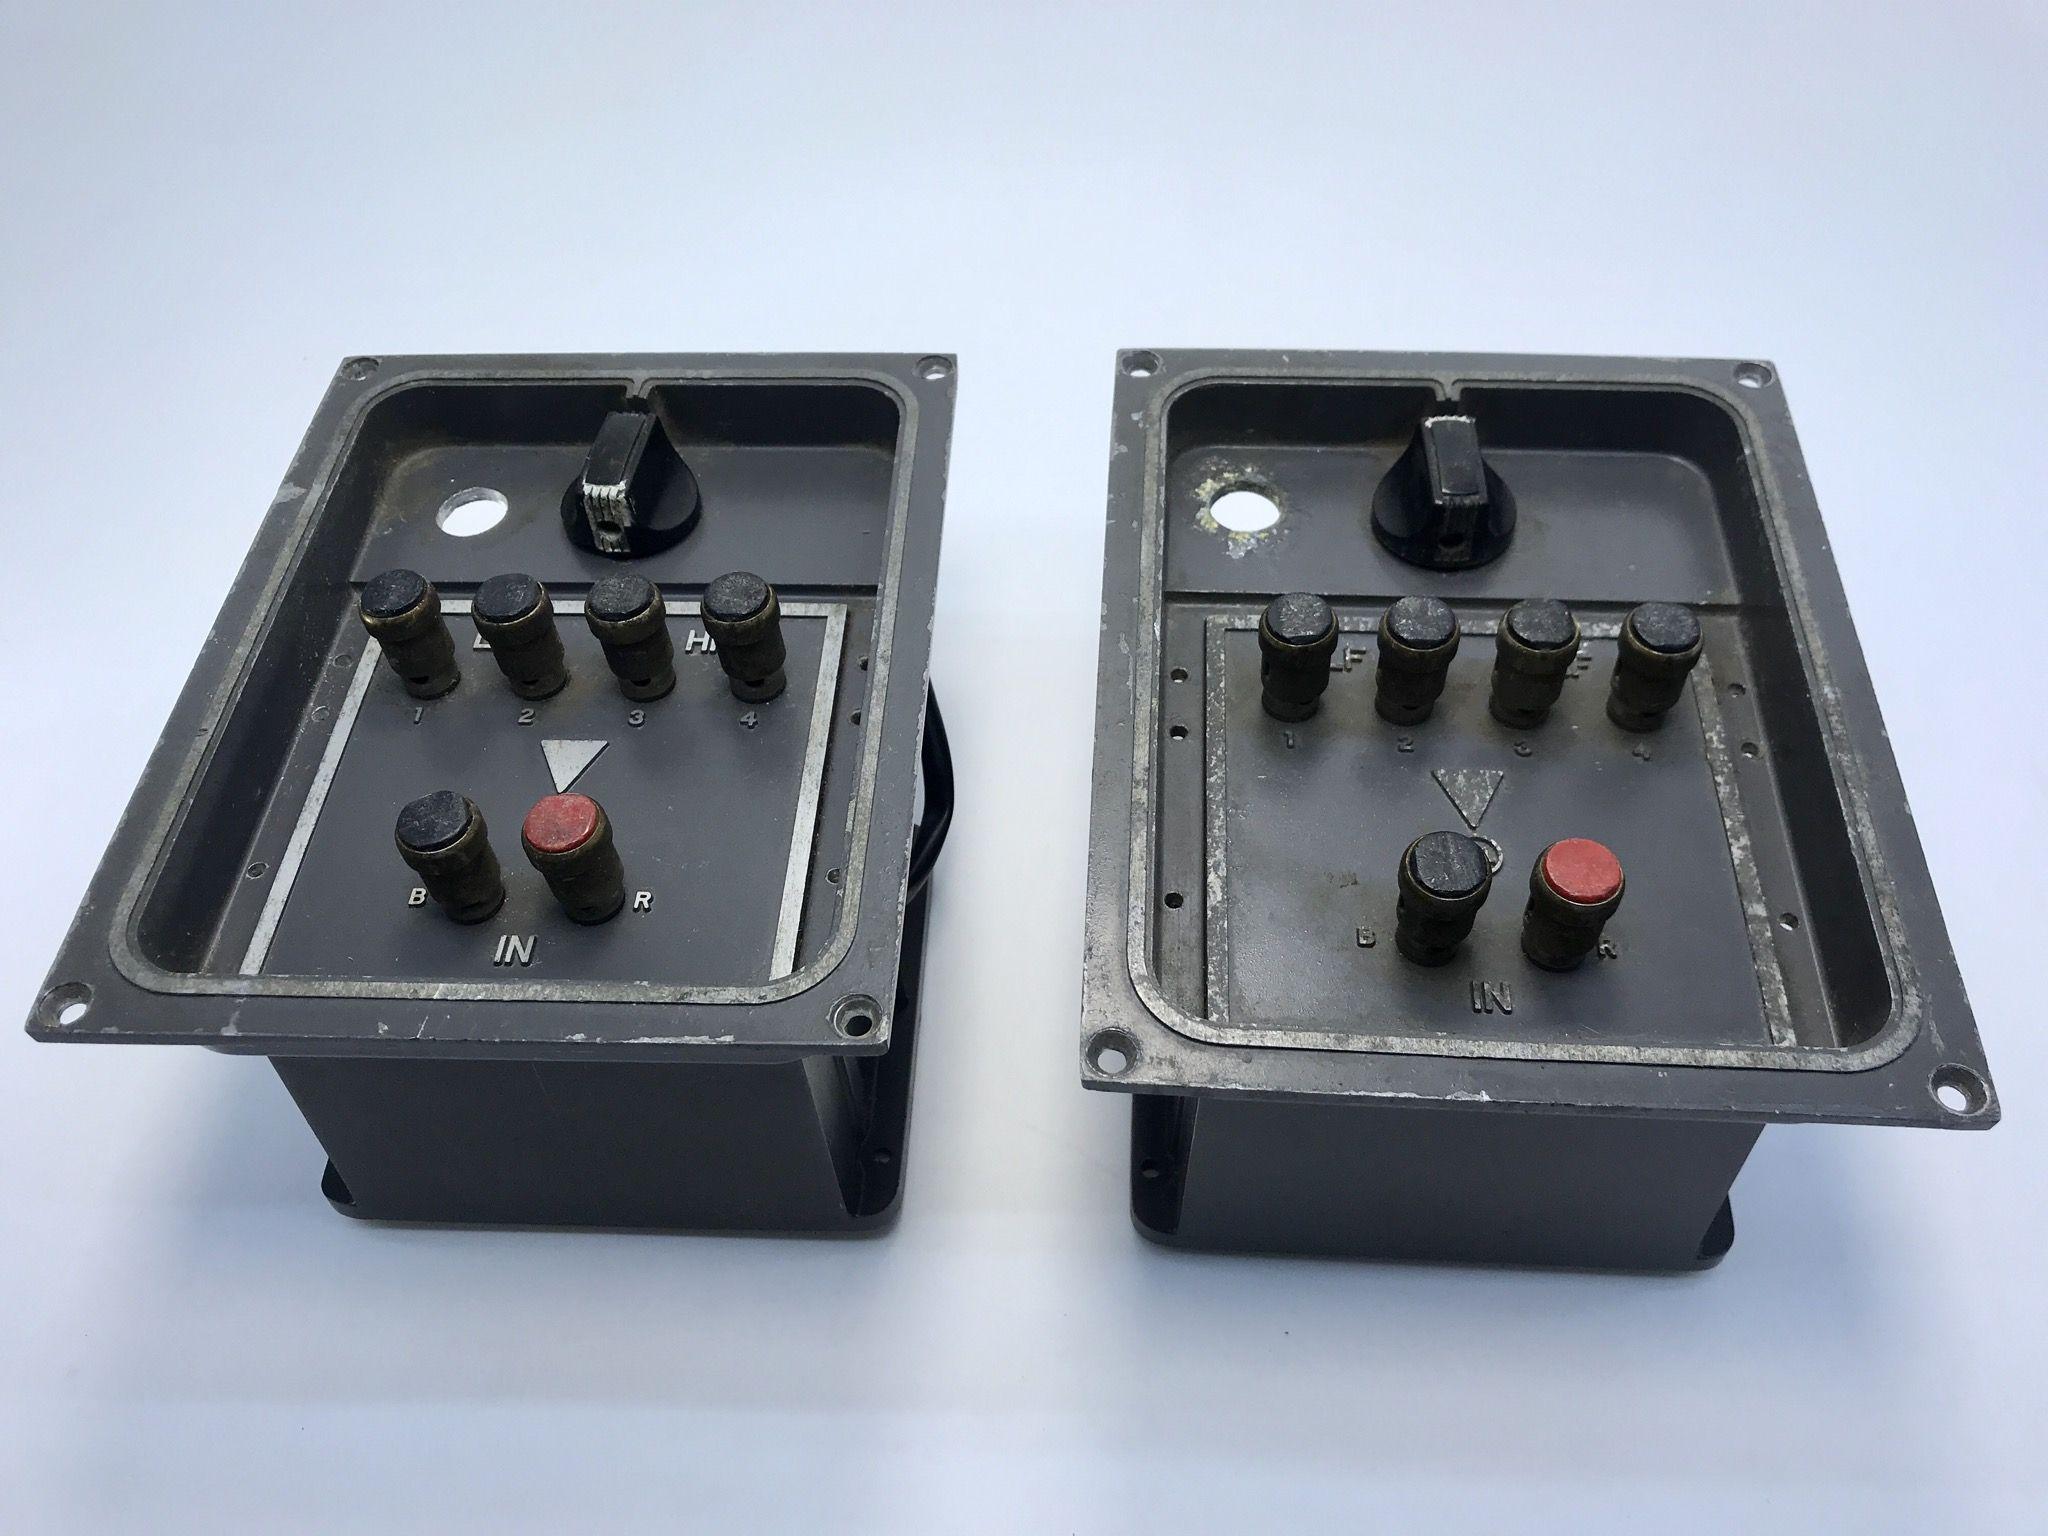 Phân tần crossover JBL 3105 (N7000) dùng cho JBL LE-85/175/375 và JBL LE-075/077/2402/2405